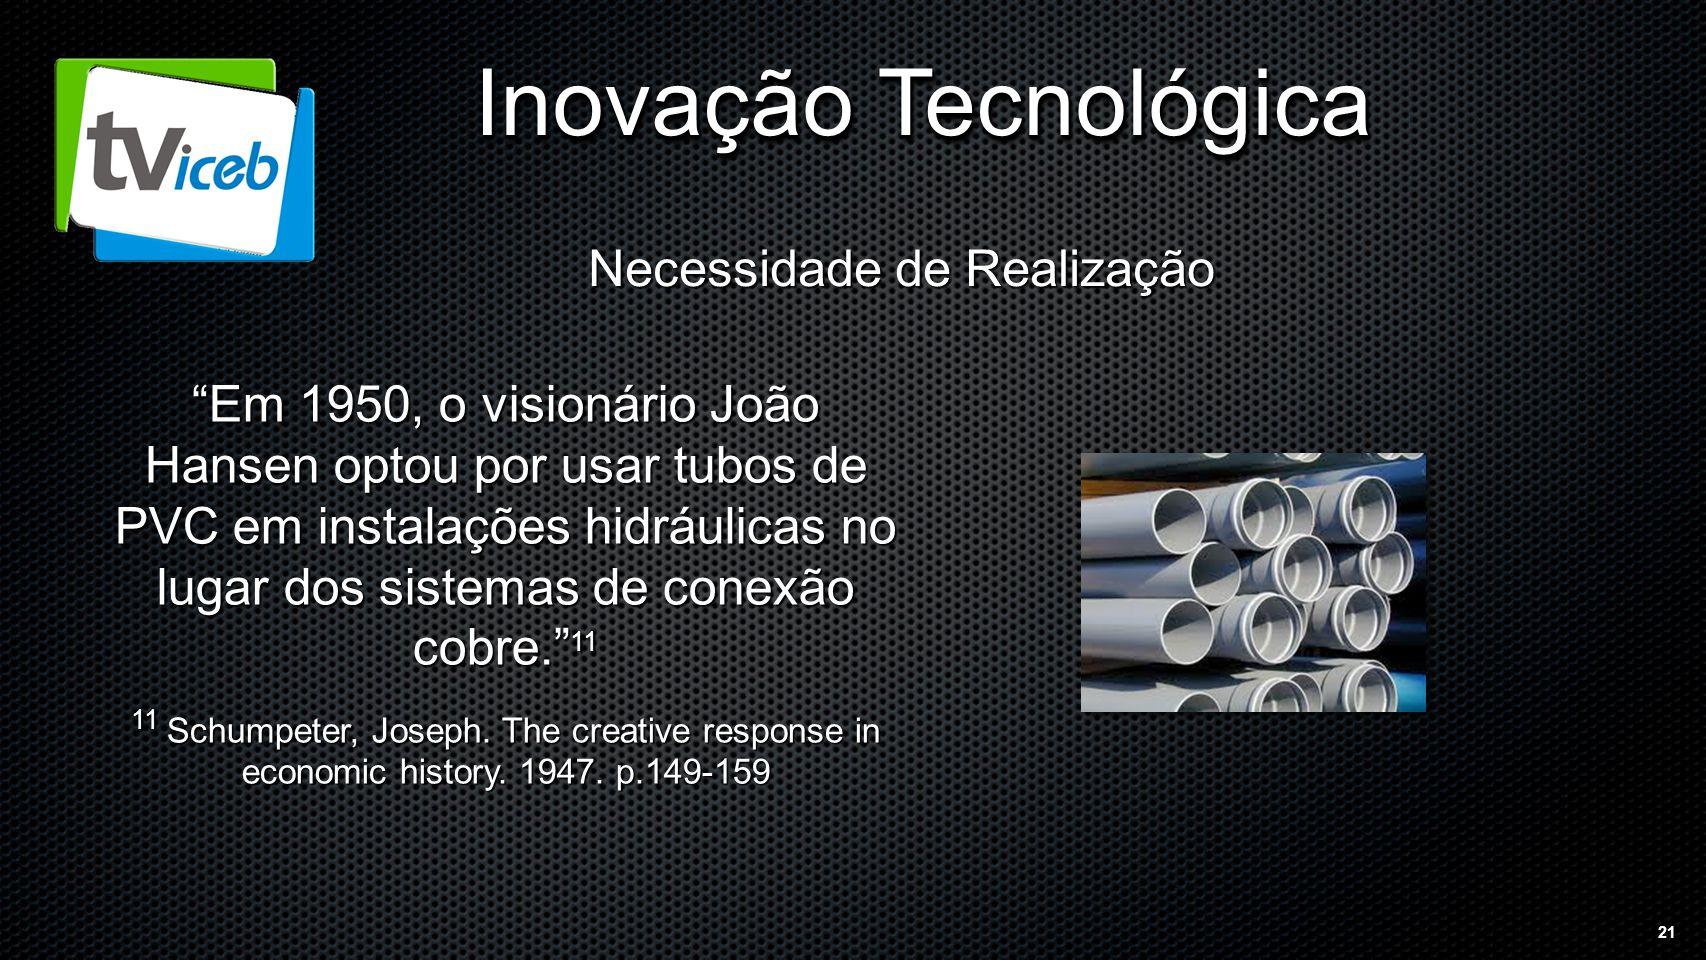 21 Inovação Tecnológica Necessidade de Realização Em 1950, o visionário João Hansen optou por usar tubos de PVC em instalações hidráulicas no lugar dos sistemas de conexão cobre. 11 11 Schumpeter, Joseph.